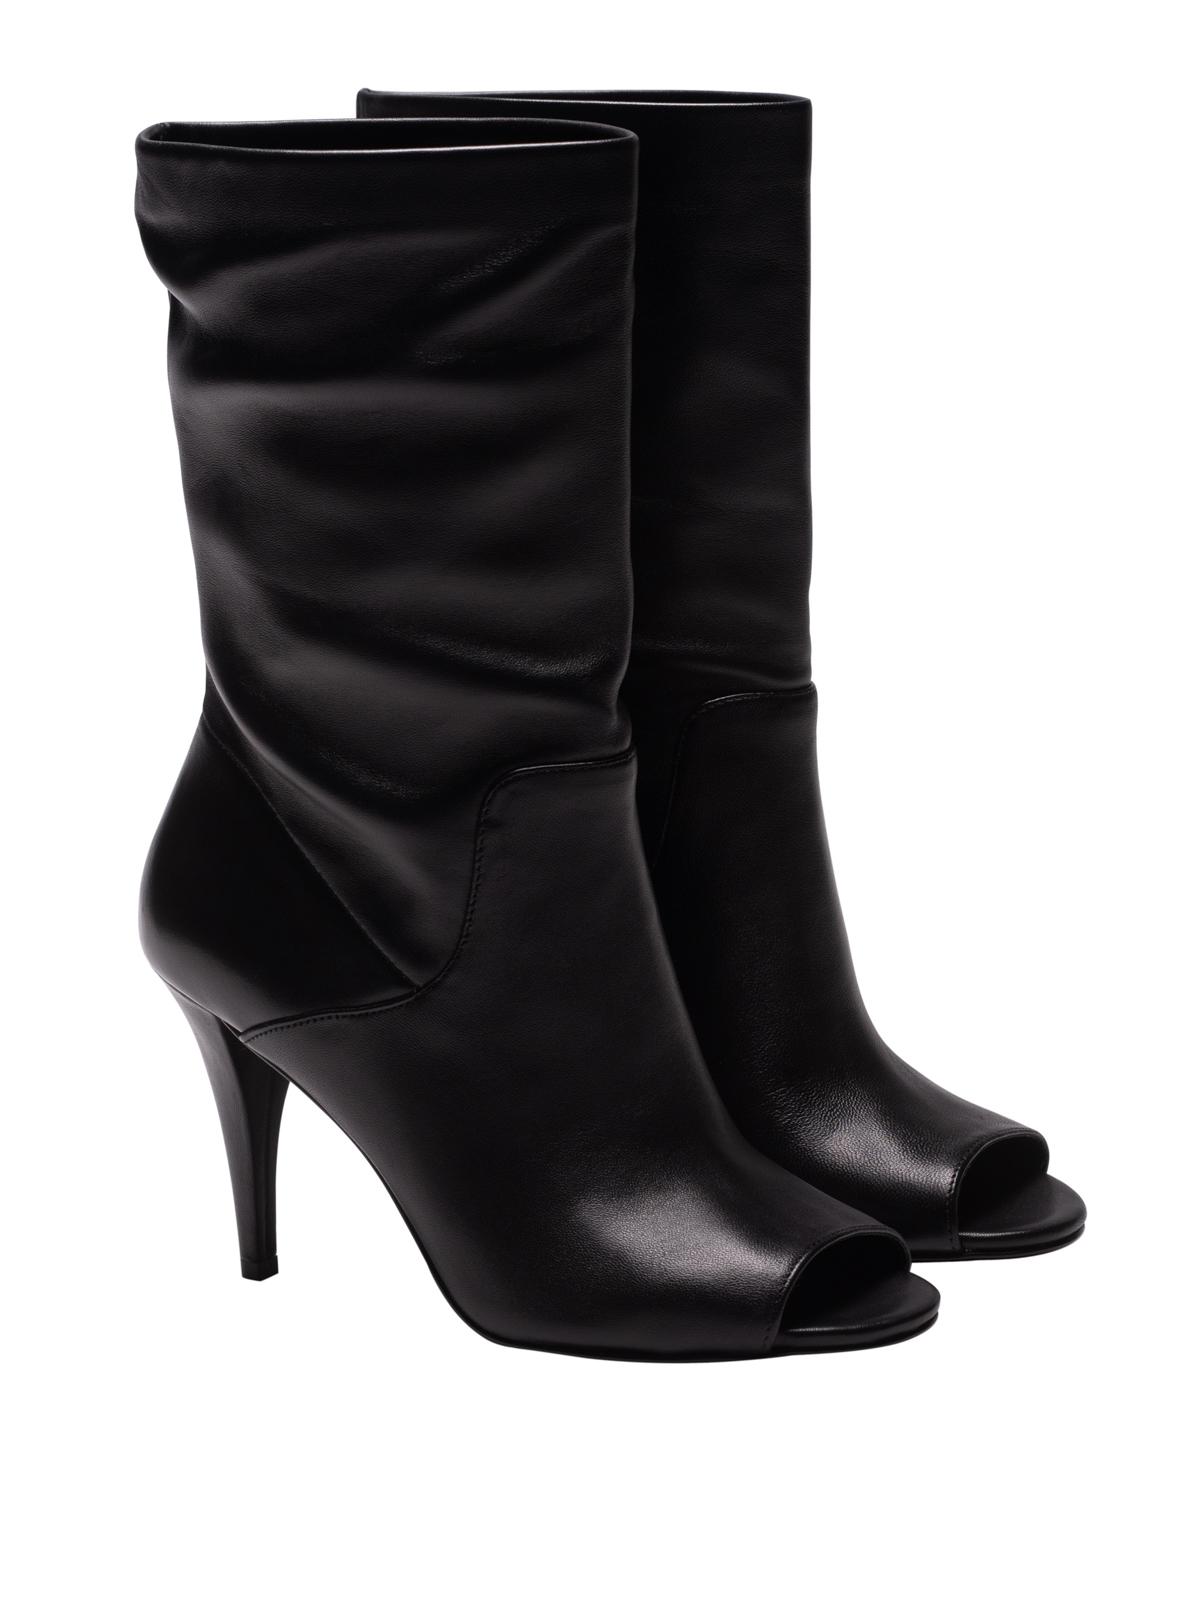 Michael Kors - Elaine Black Leather Peep Toe Booties - Boots - 40T8Elhe8L 001-1137